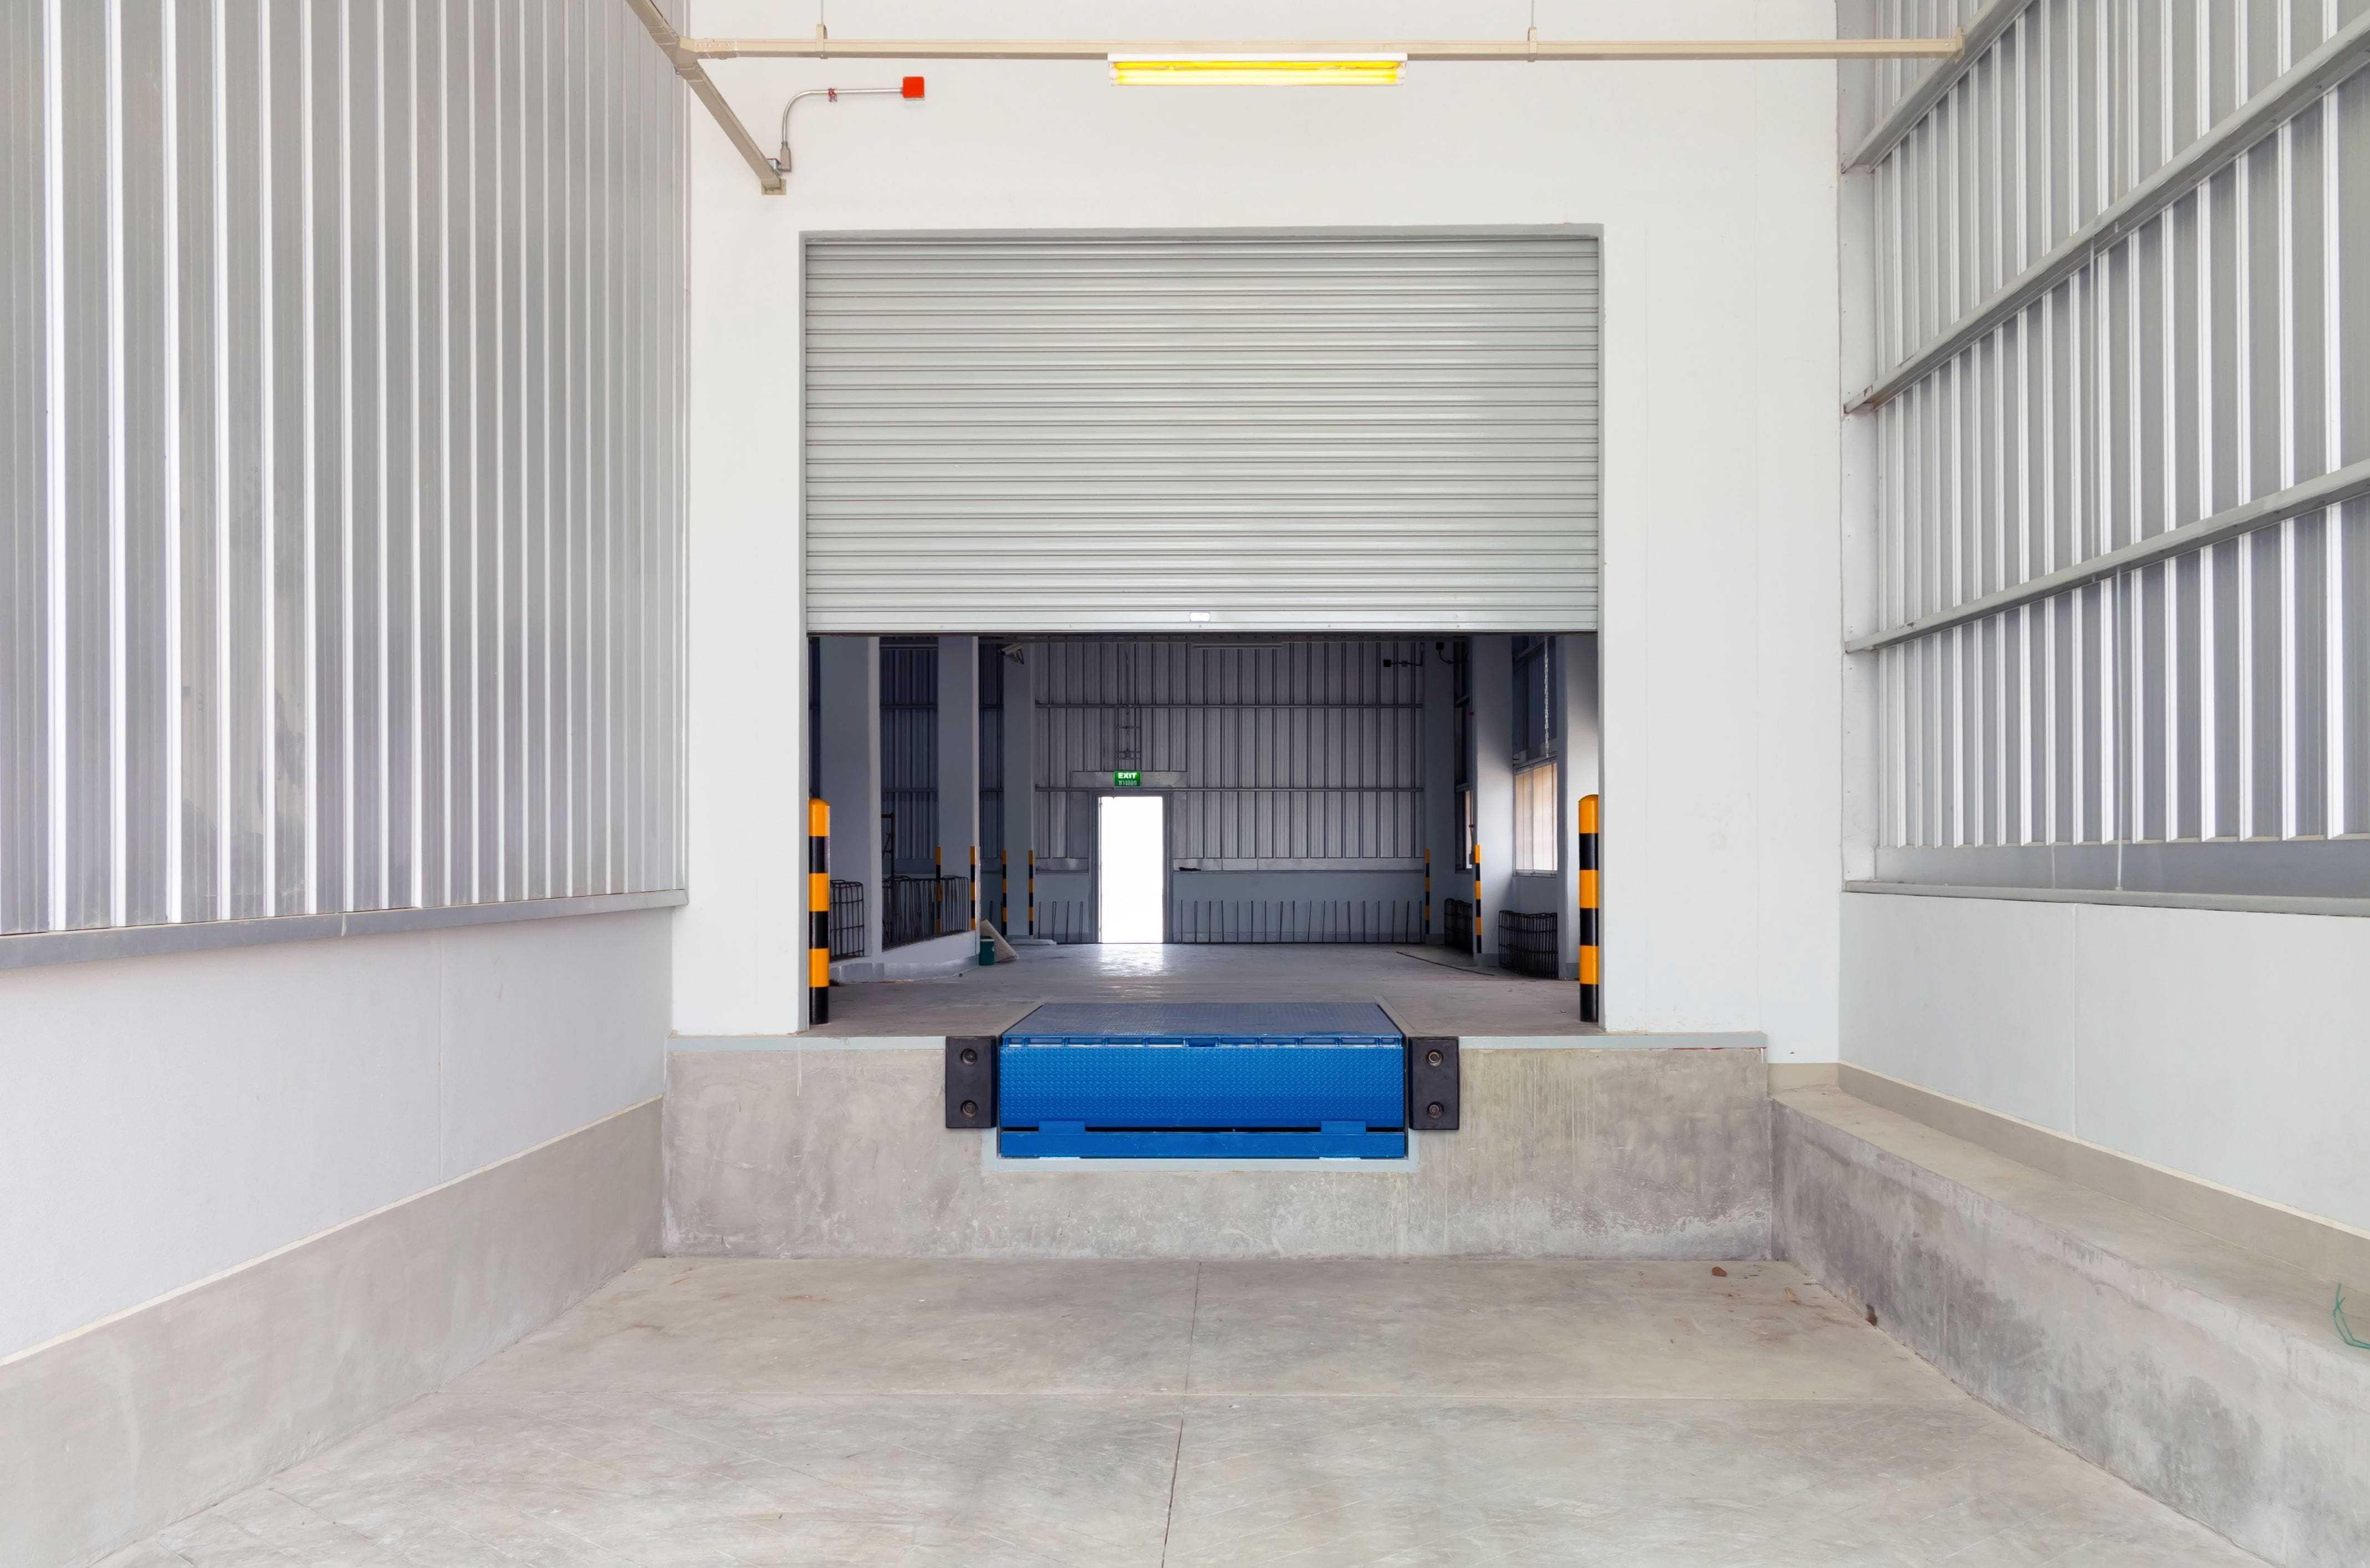 interior of loading dock with leveler and steel door